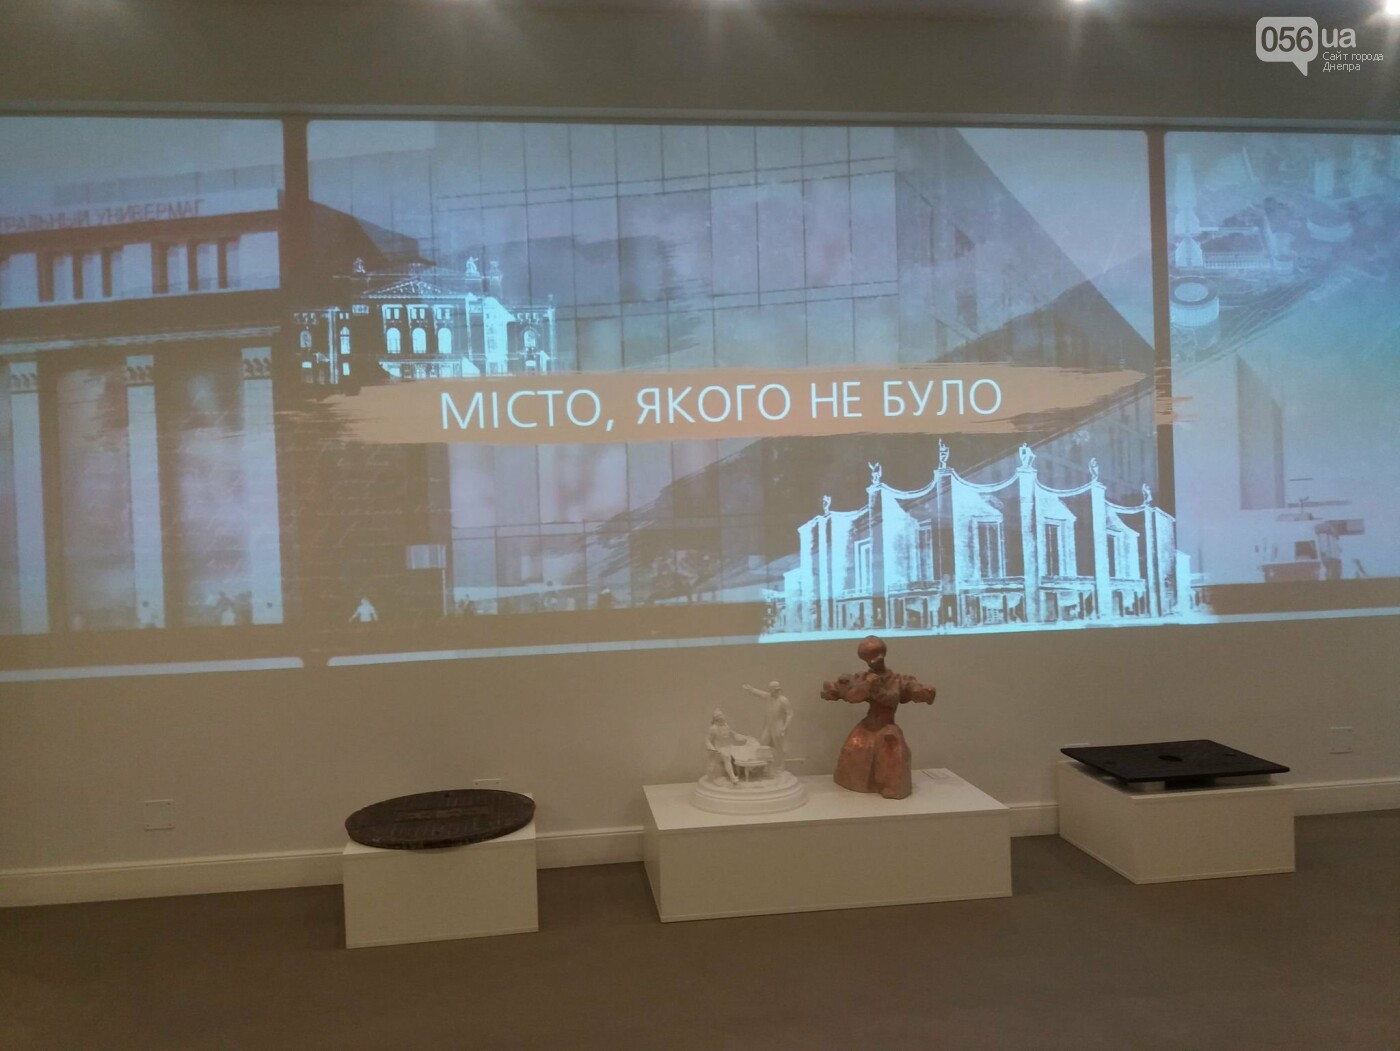 Стоимость экскурсии и входного билета в Музей истории Днепра, фото-4